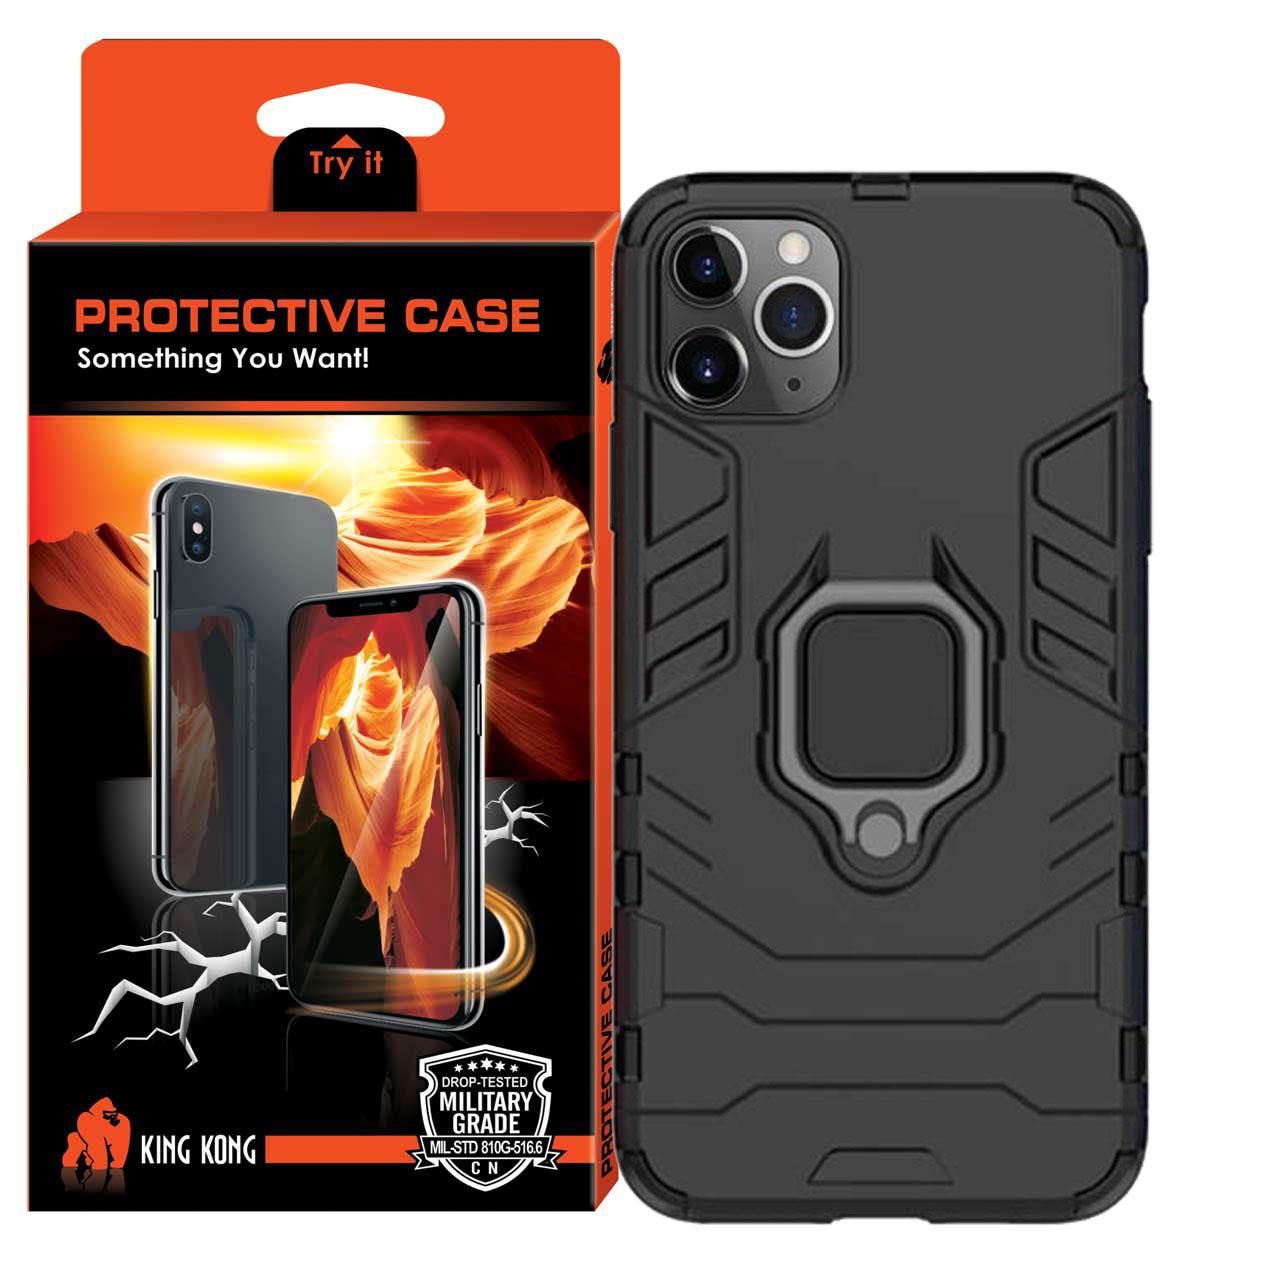 کاور کینگ کونگ مدل GHB01 مناسب برای گوشی موبایل اپل Iphone 11 Pro Max